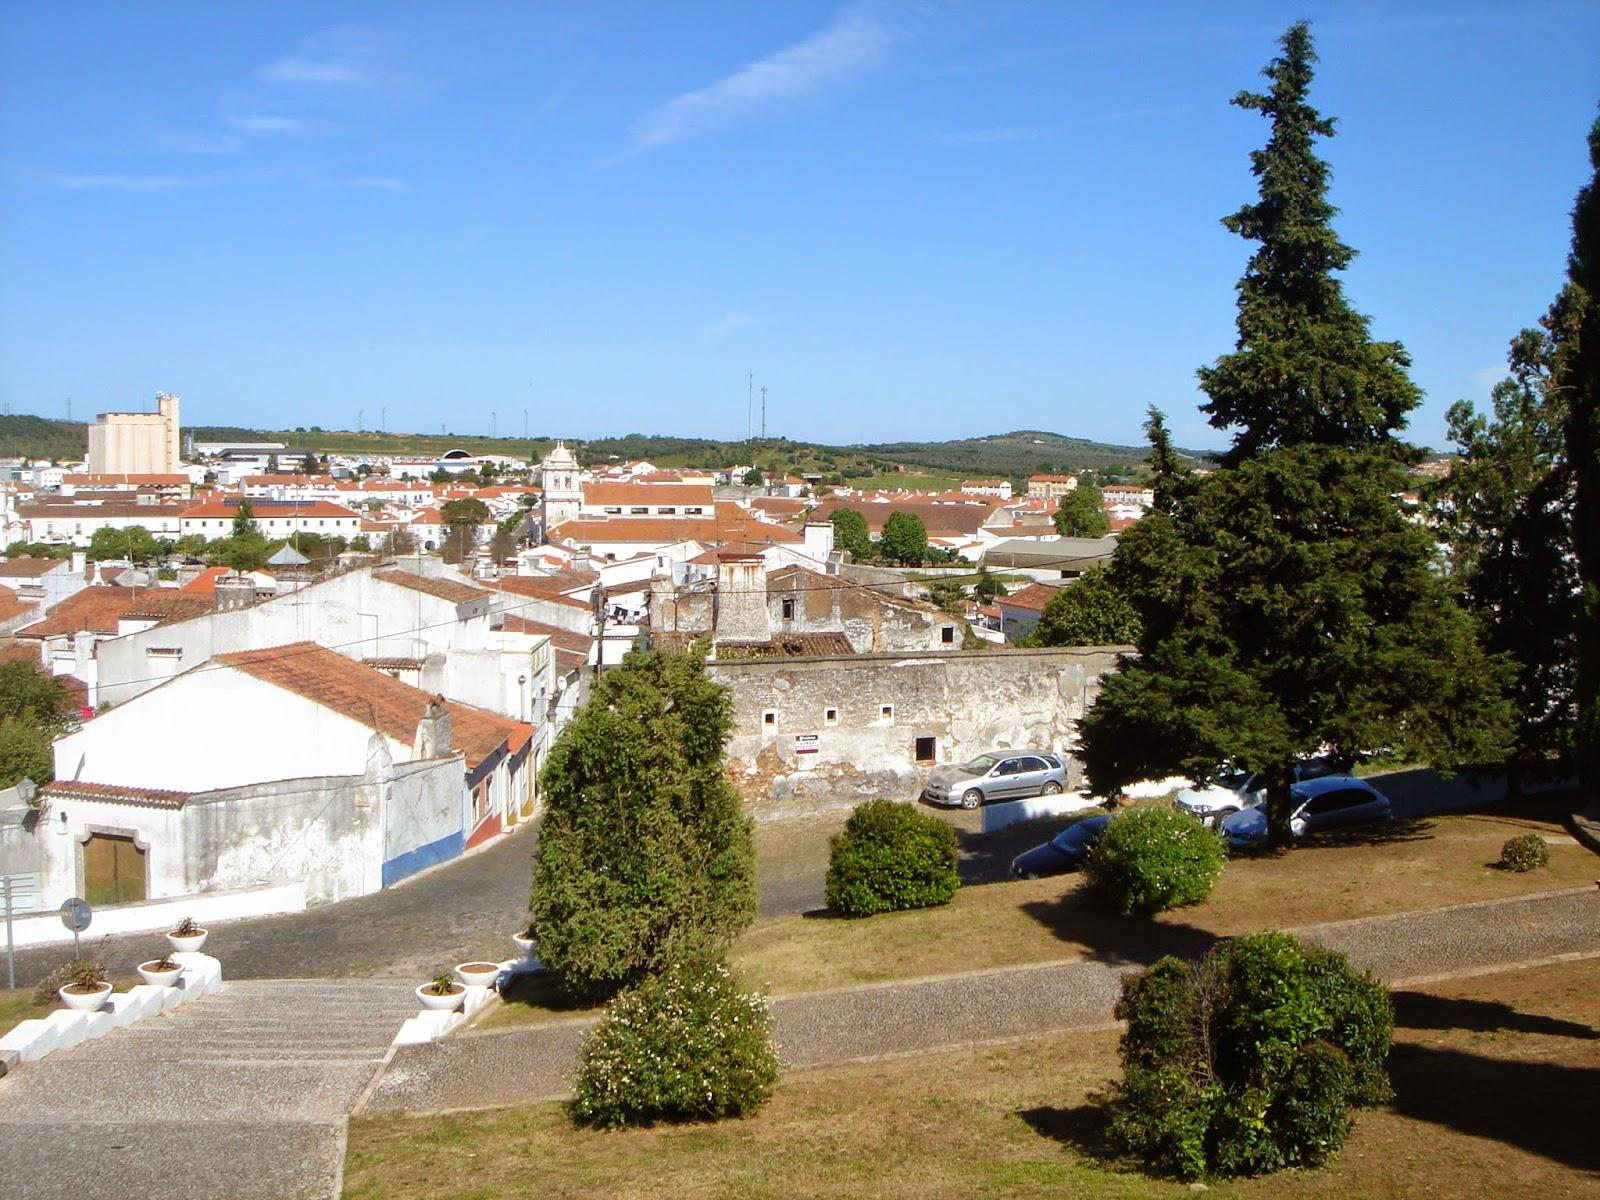 Estremoz Portugal  City pictures : Historia y Genealogía: Estremoz. Alentejo. Portugal